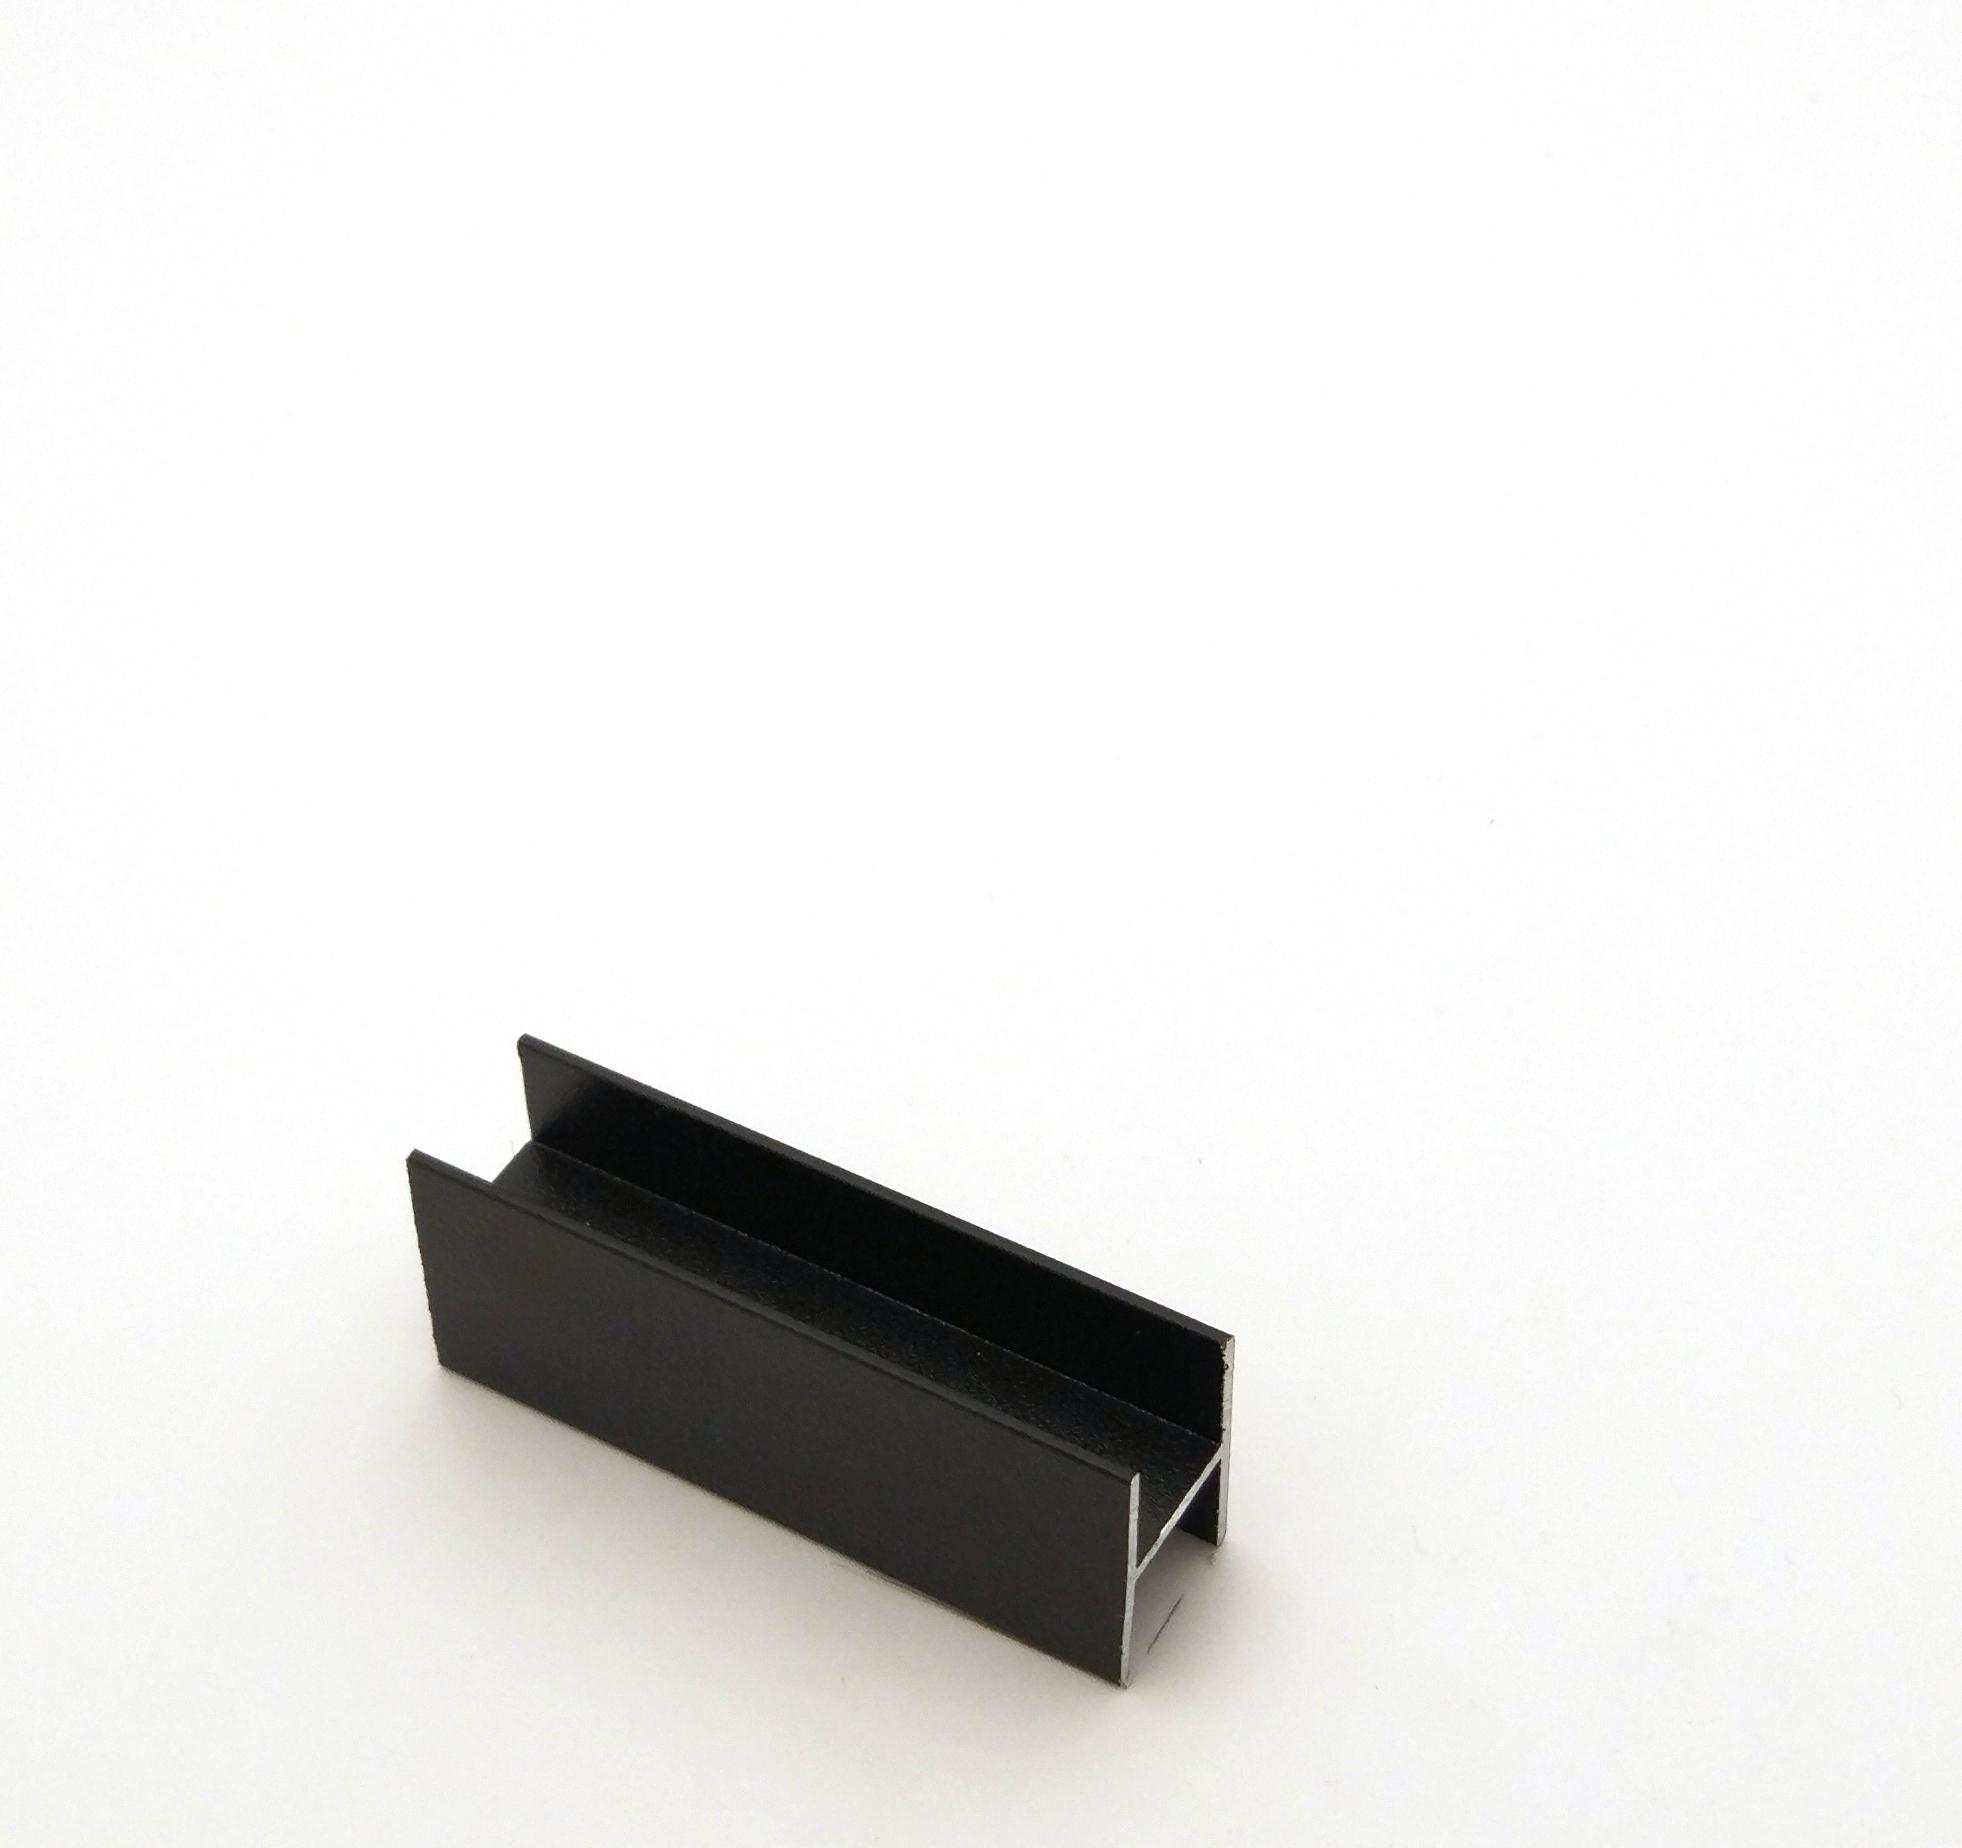 АФ Профиль соединительный, черный матовый, 6000мм